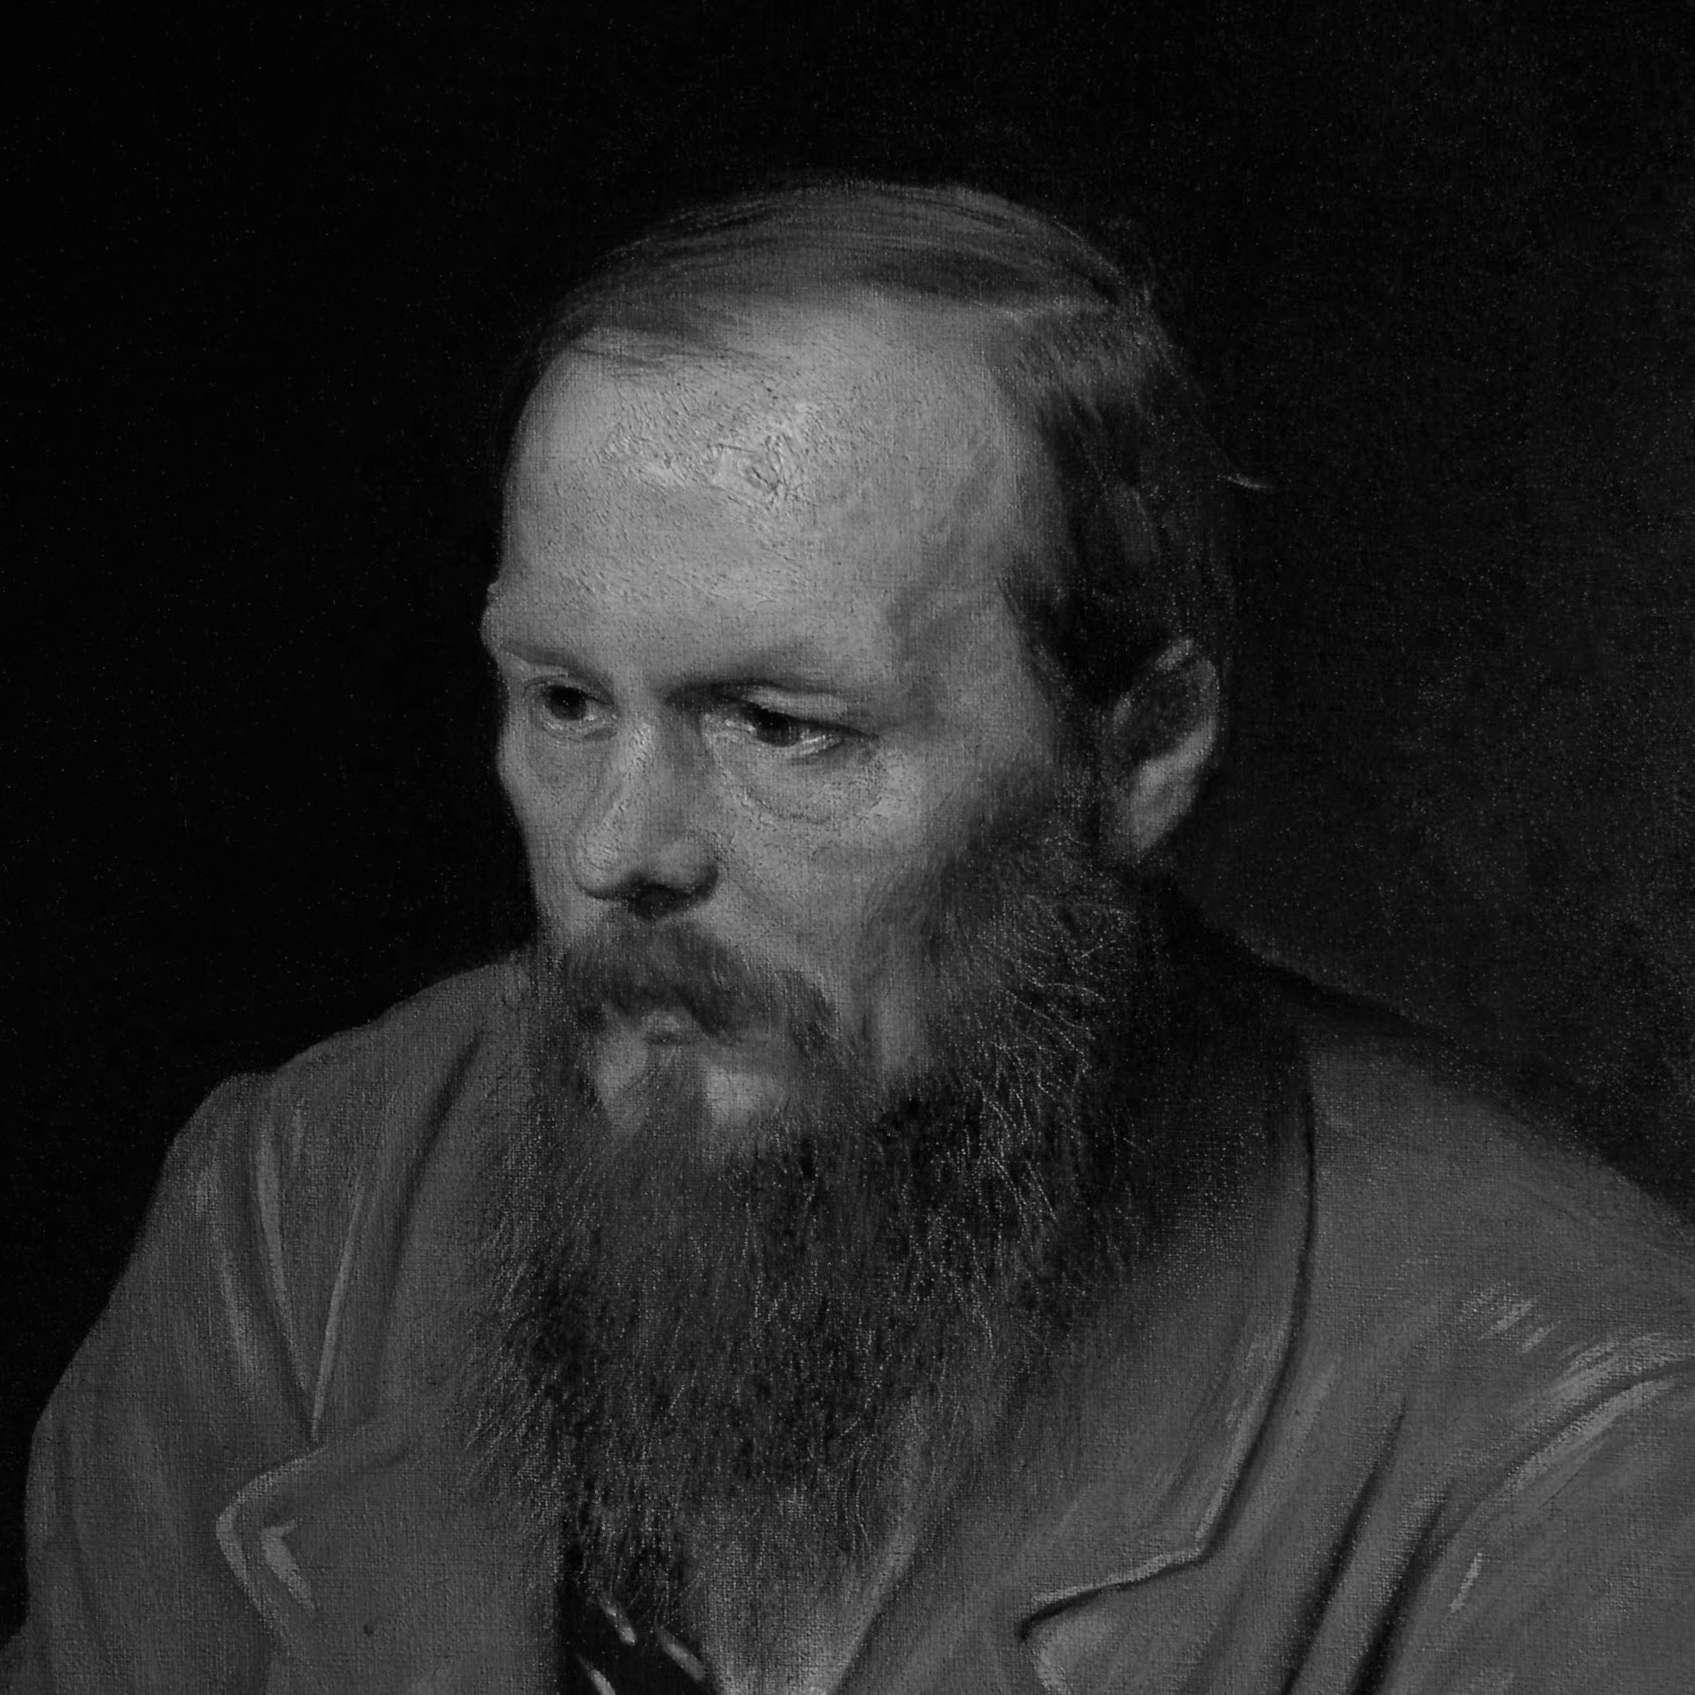 اقوال فيودور دوستويفسكي